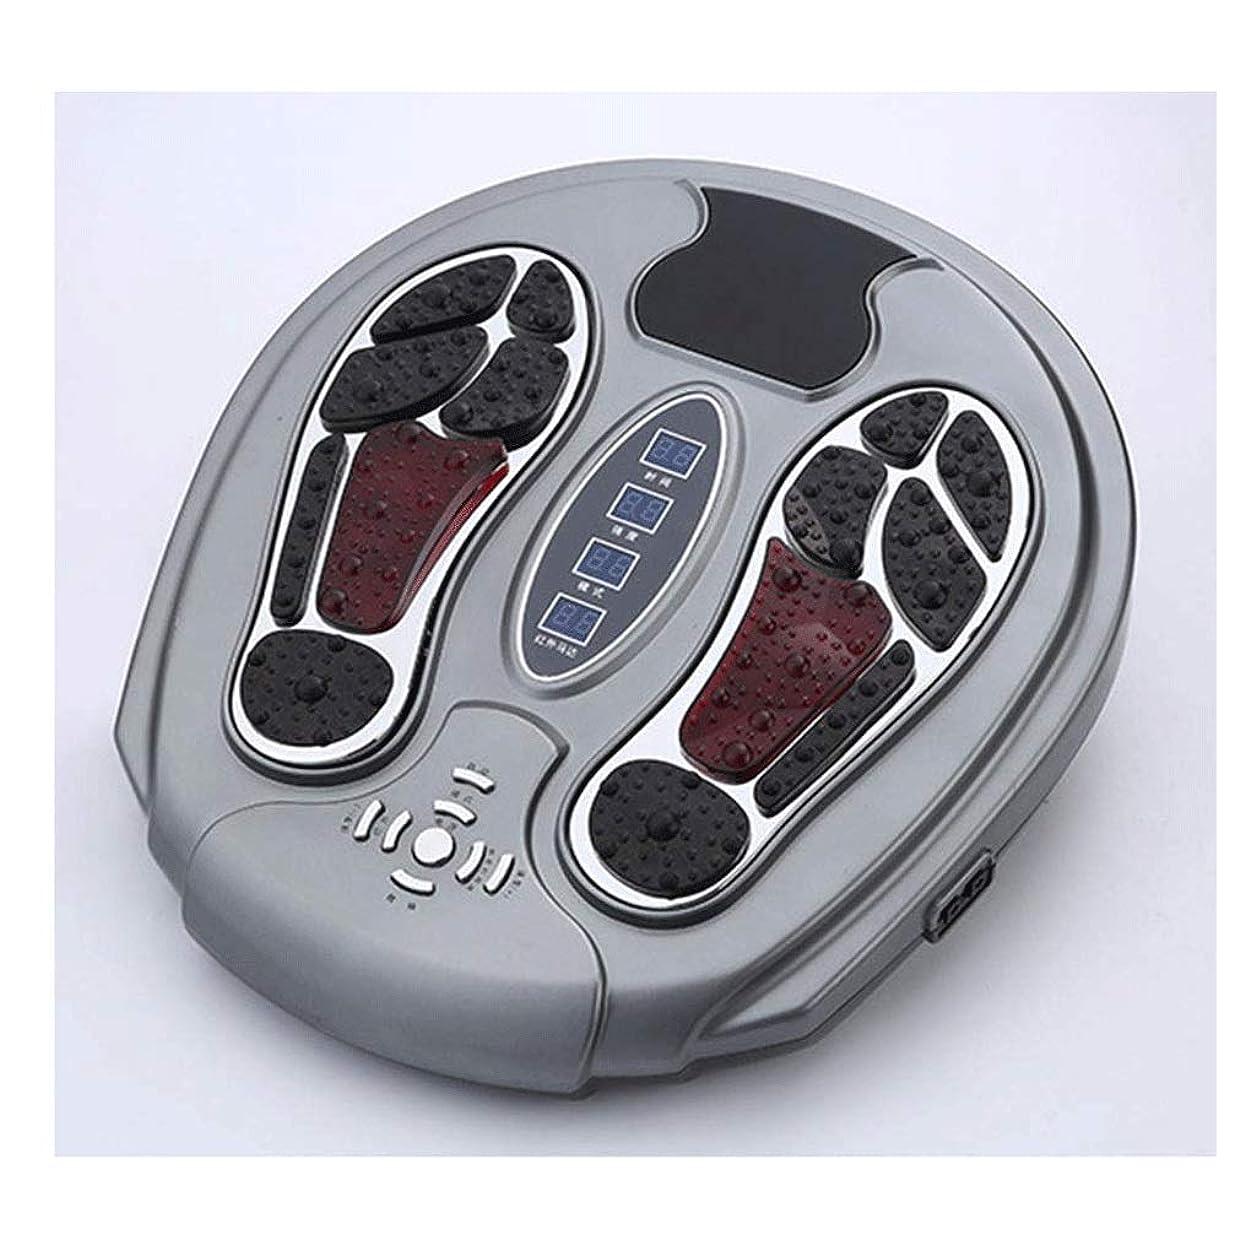 プロトタイプ温度インタフェースLLRYN フットマッサージャー、熱、指圧加熱エレクトリックキーディングフットマッサージャーマシンの痛みを軽減、治療強度のある家庭用マッサージ